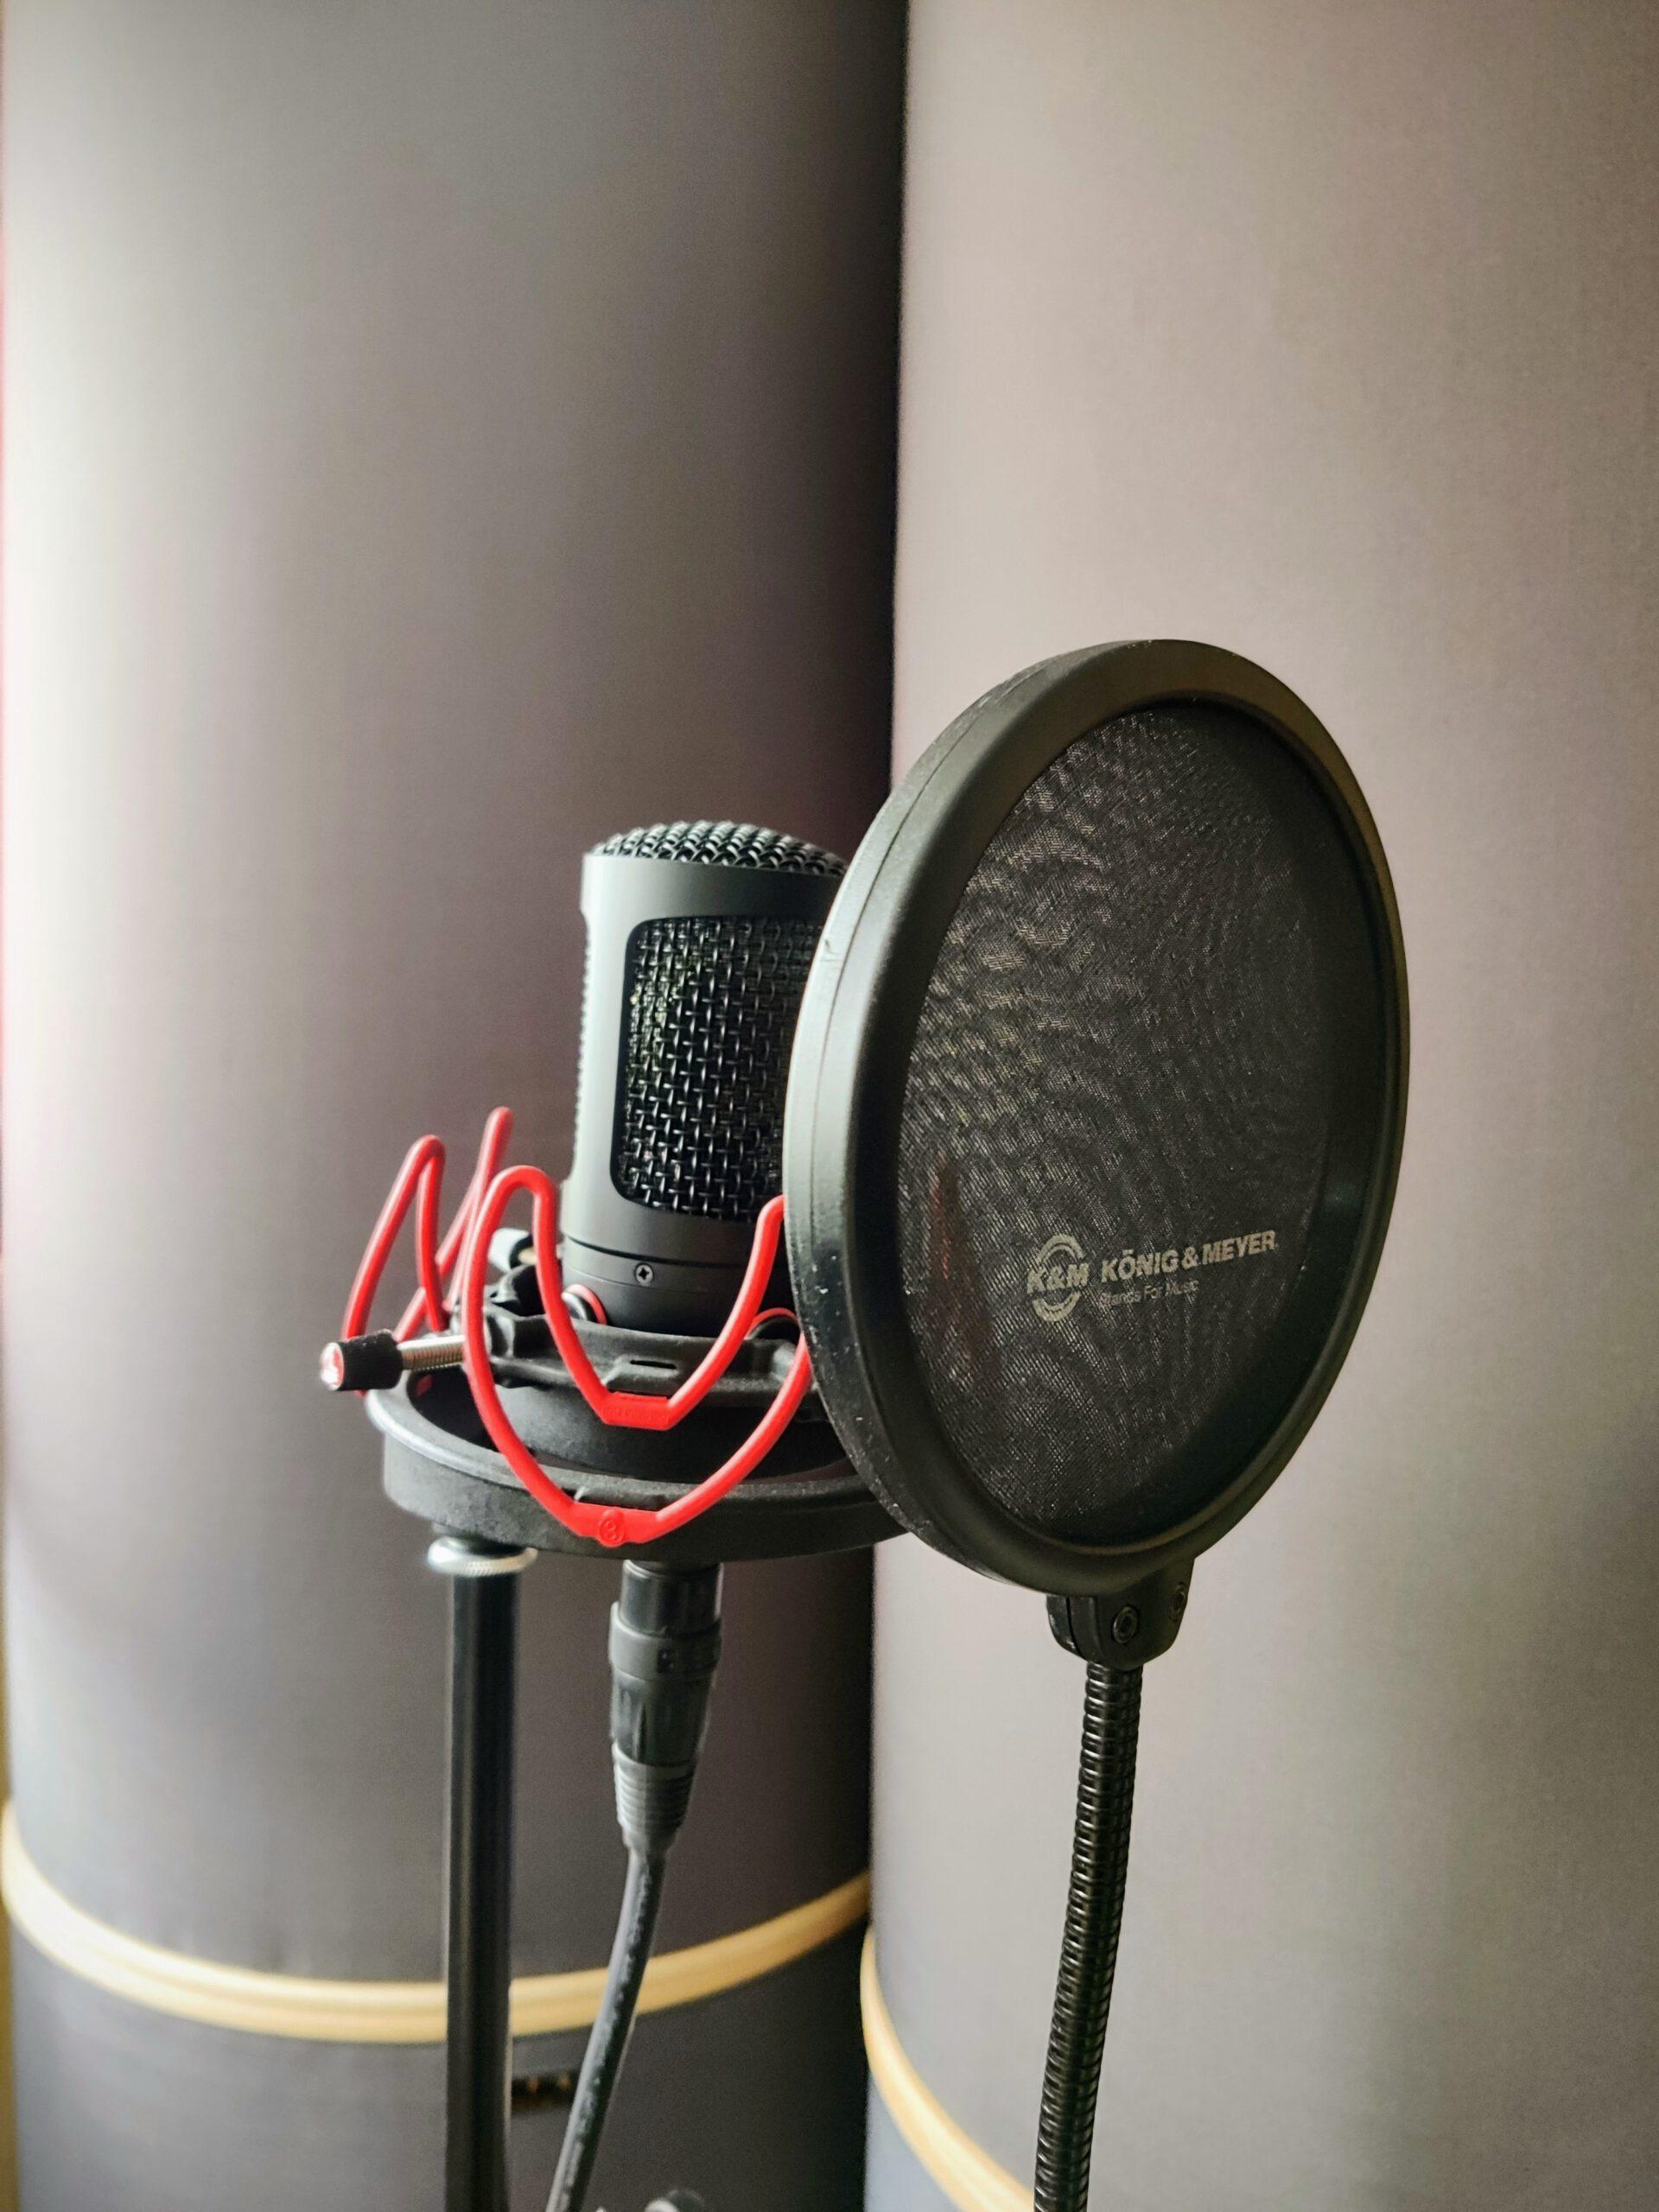 Großmembran-Kondensatormikrofon mit Mikrofonspinne und Pop-Schutz für Vocal-Recordings.